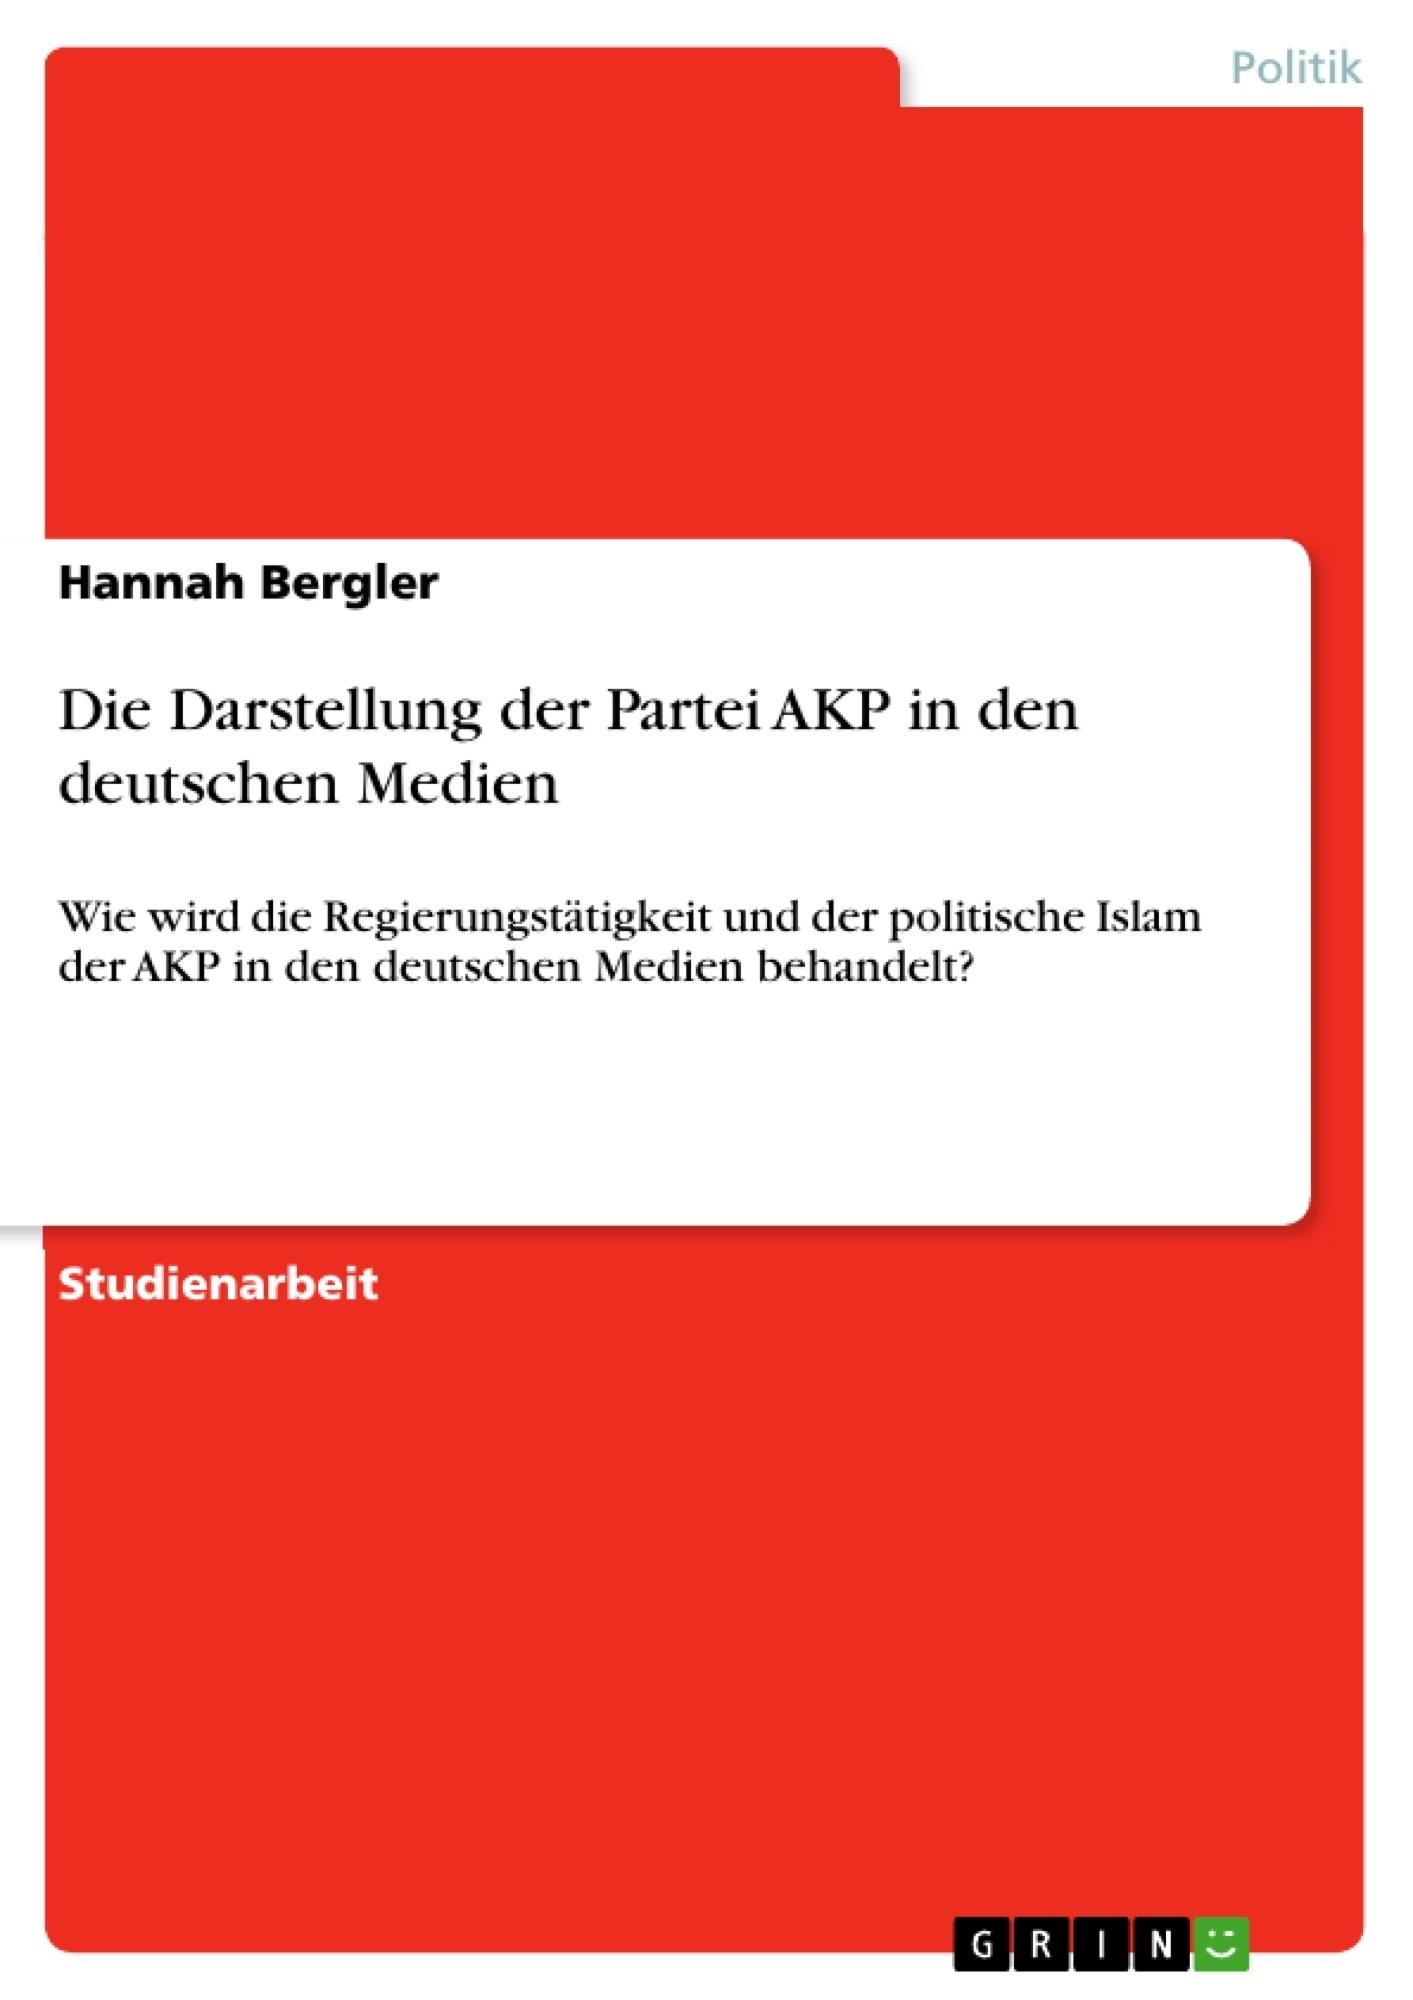 Titel: Die Darstellung der Partei AKP in den deutschen Medien